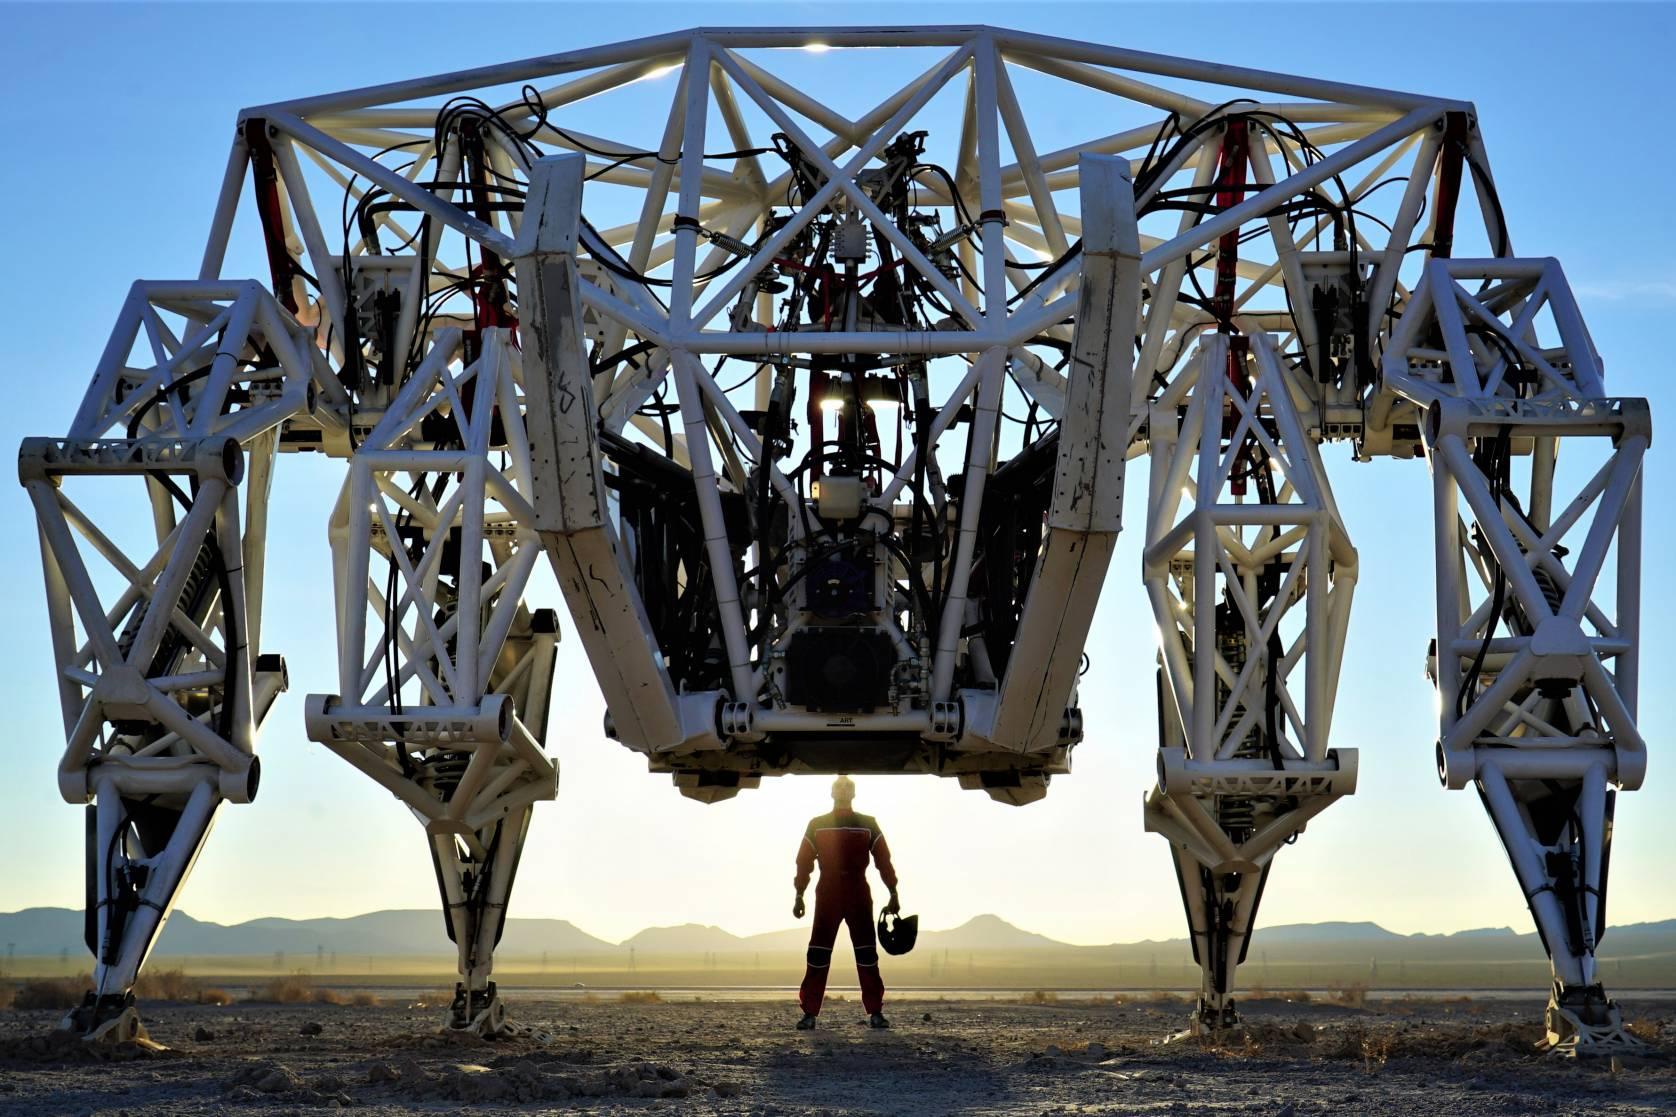 Prothesis mech robot